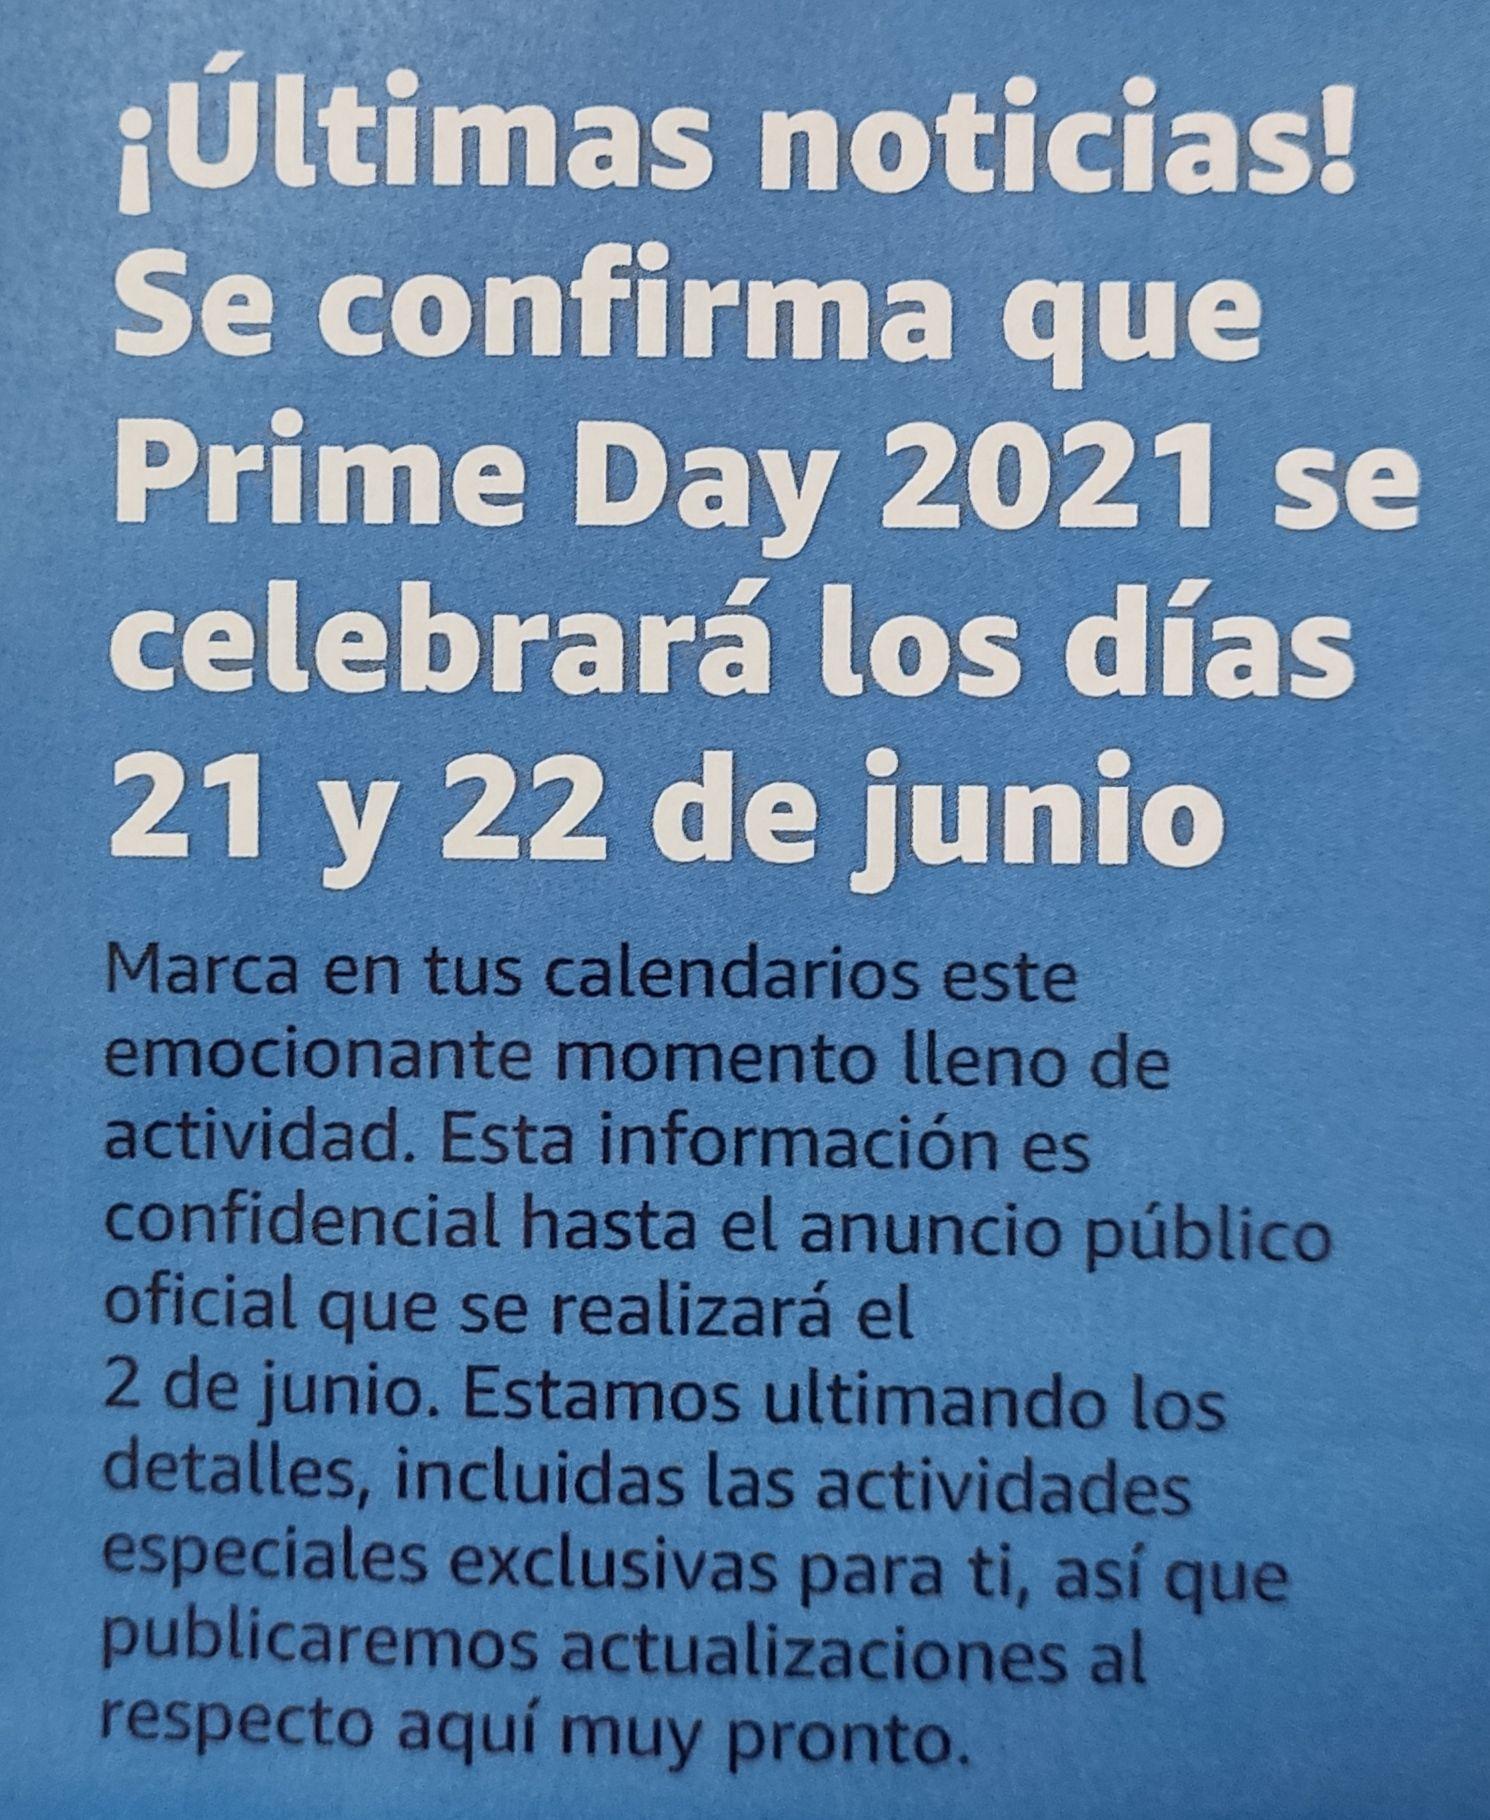 Amazon Prime Days: 21 y 22 de Junio